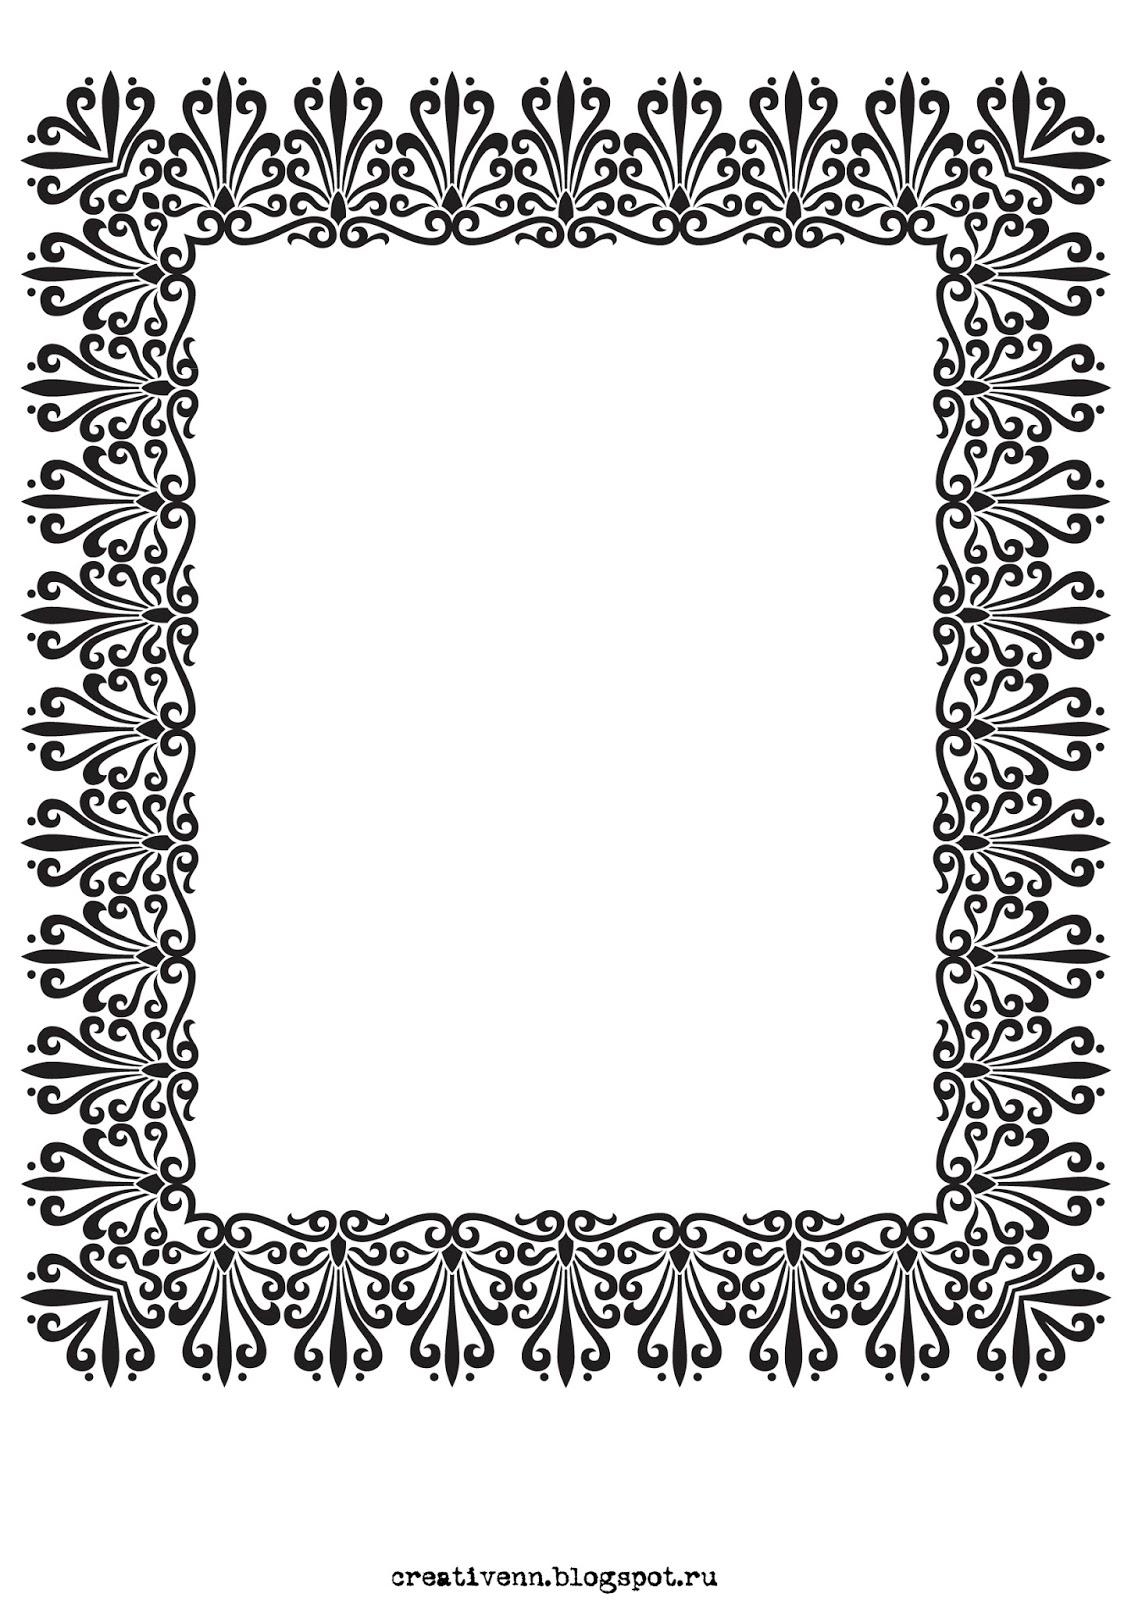 Прямоугольные рамки для оформления. : На крыльях вдохновения